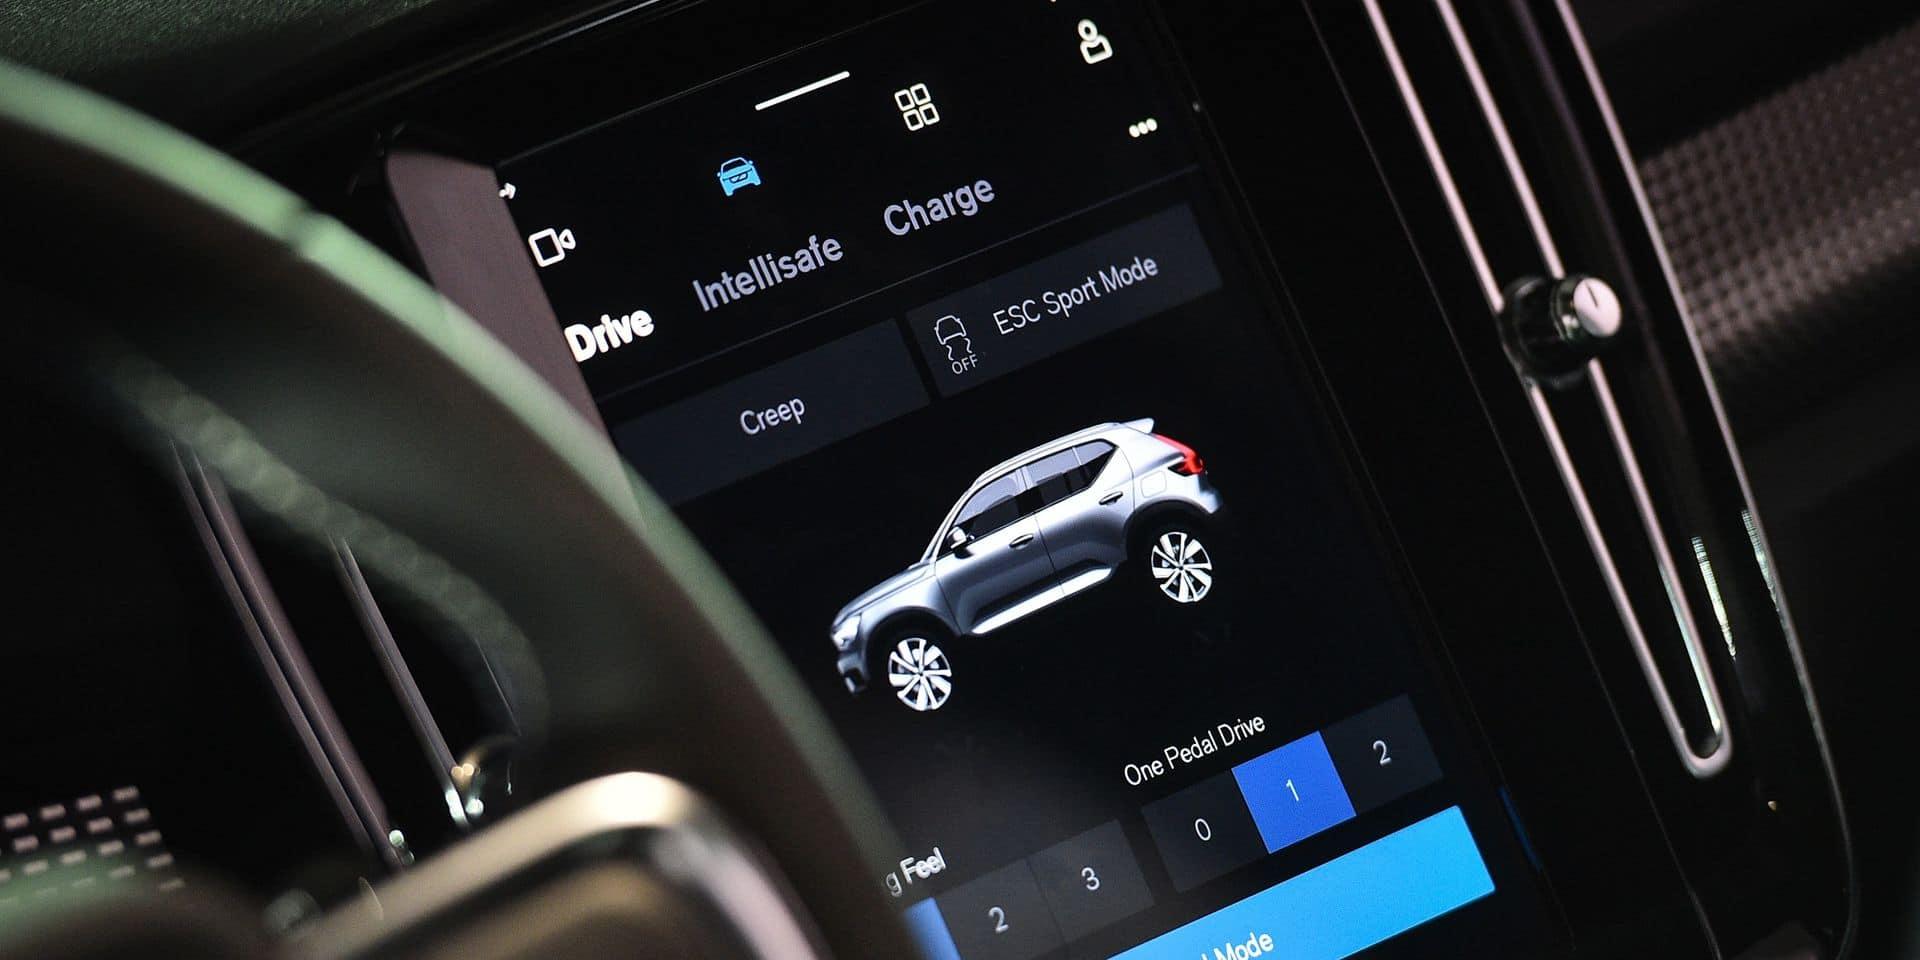 Les temps sont durs pour les batteries des voitures à cause du froid et du confinement: que faire pour les garder intactes ?